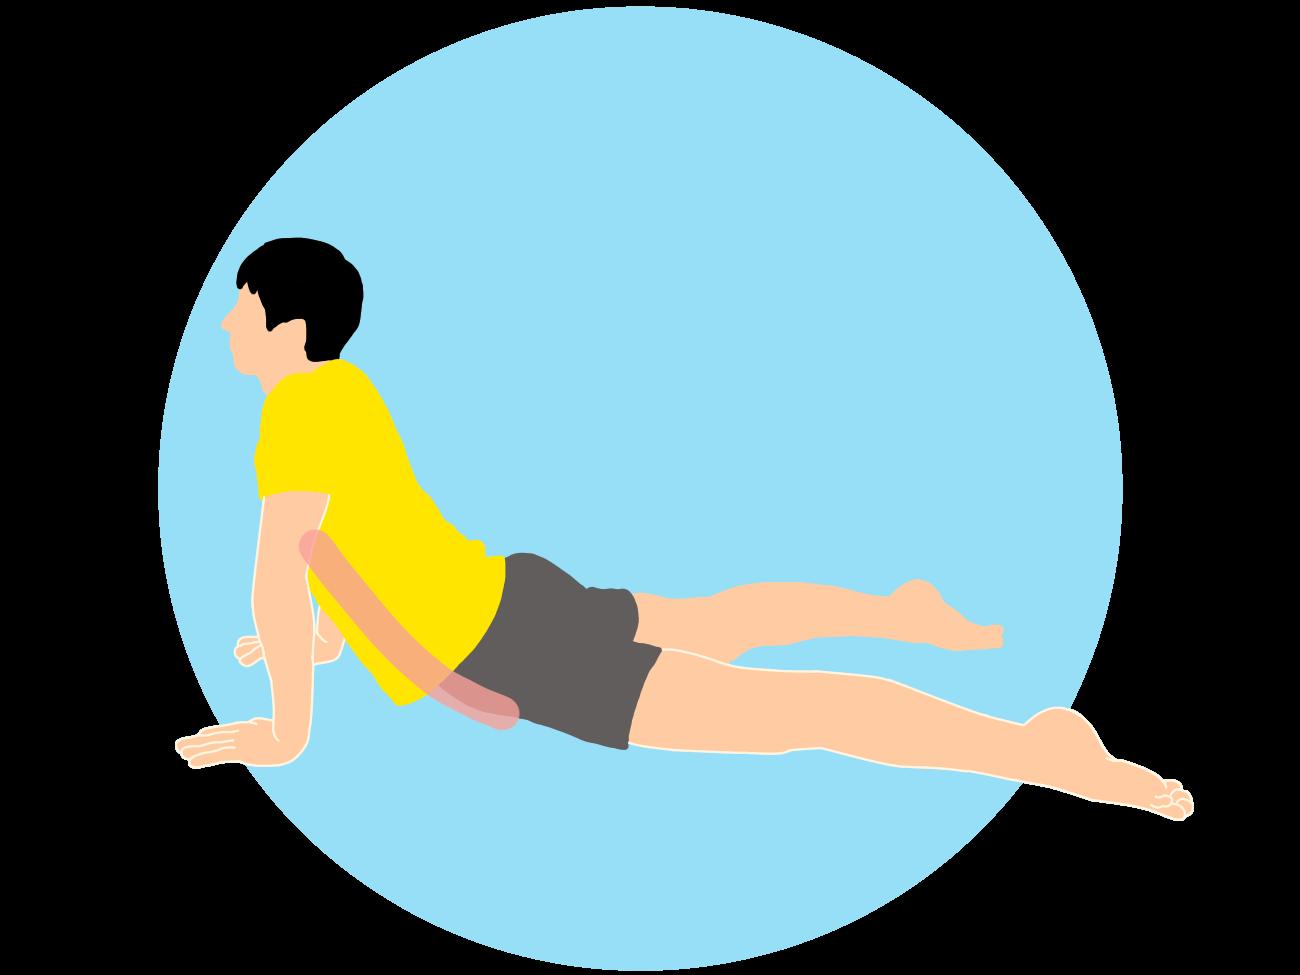 体幹のストレッチの方法一覧